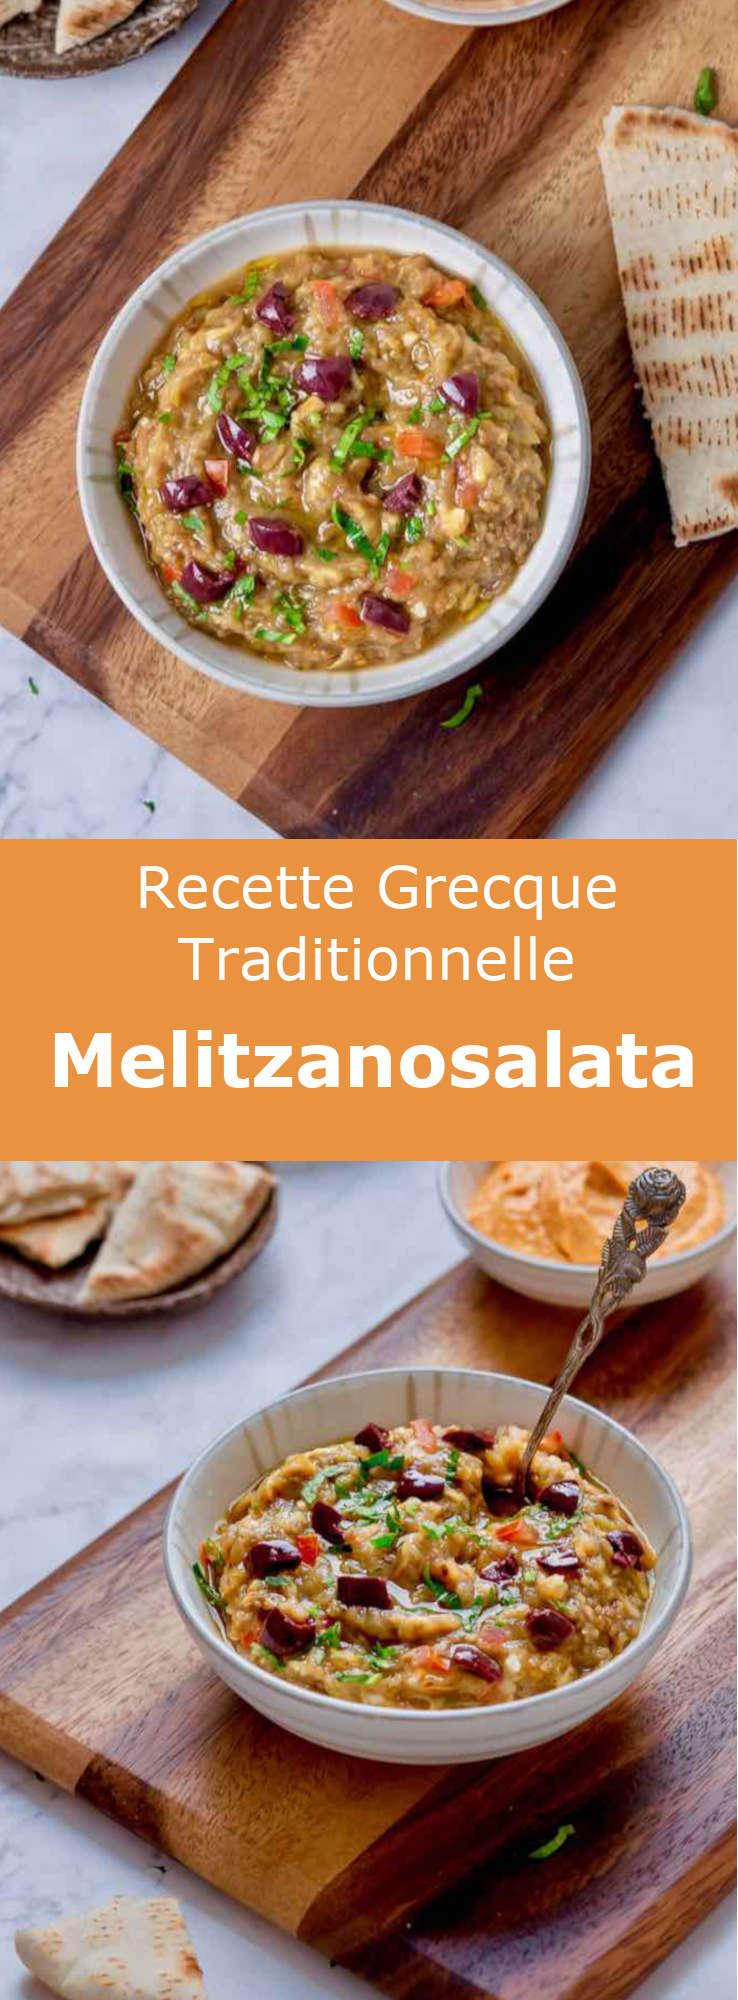 La melitzanosalata (μελιτζανοσαλάτα) est un délicieux mezzé à base de caviar d'aubergine parfumé à l'huile d'olive et au jus de citron, populaire à Chypre et en Grèce. #Grece #RecetteGrecque #CuisineGrecque #CuisineMediterraneenne #CuisineDuMonde #196flavors